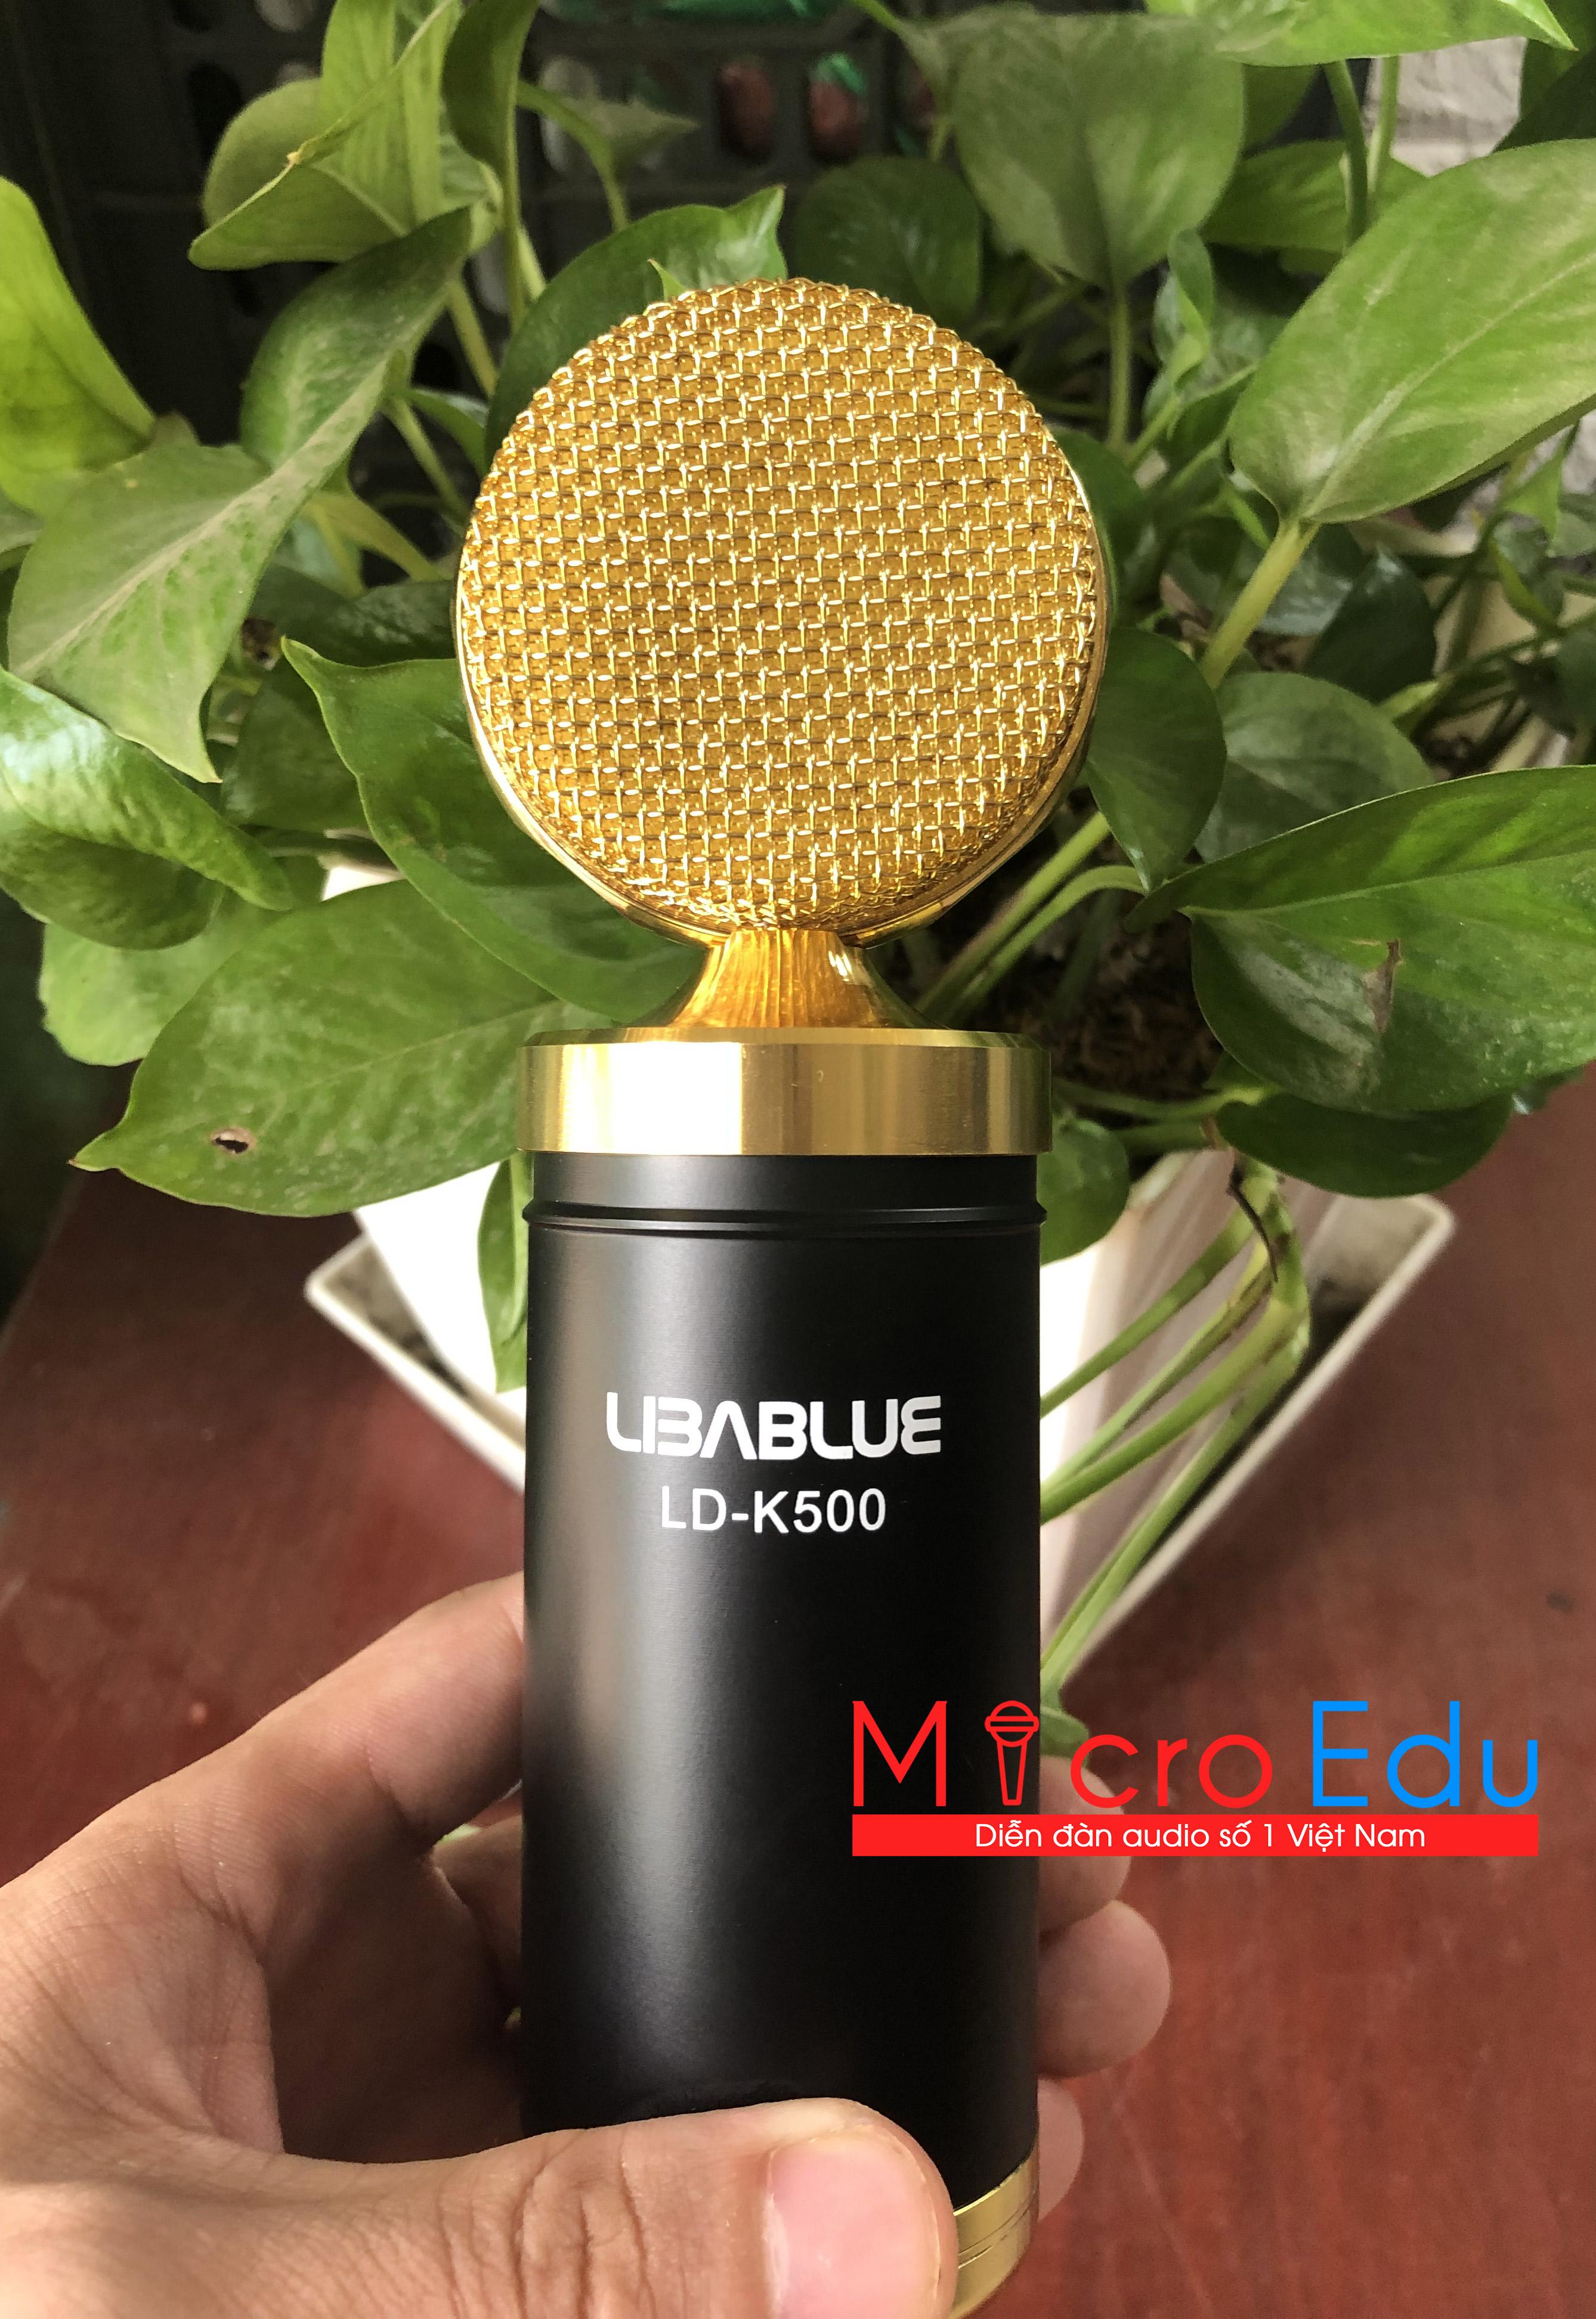 Micro Thu Âm Libablue LD-K500 Đẹp Và Chất Lượng Thế Nào ?